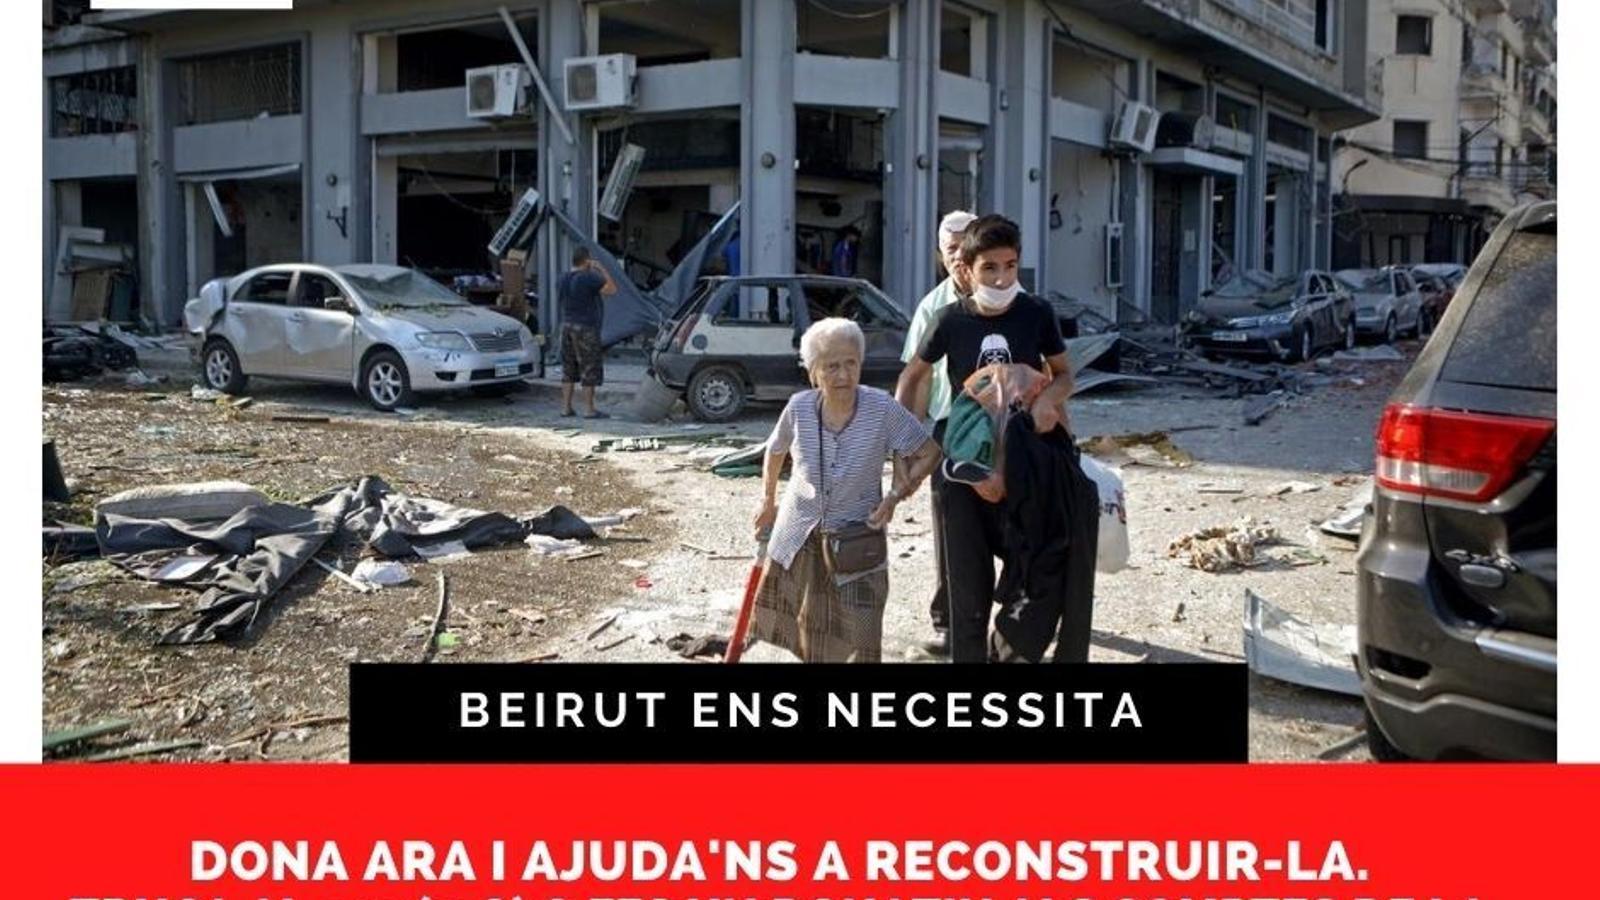 El cartell que les ONG han editat per fer la crida als donatius. / PLATAFORMA D'ONG